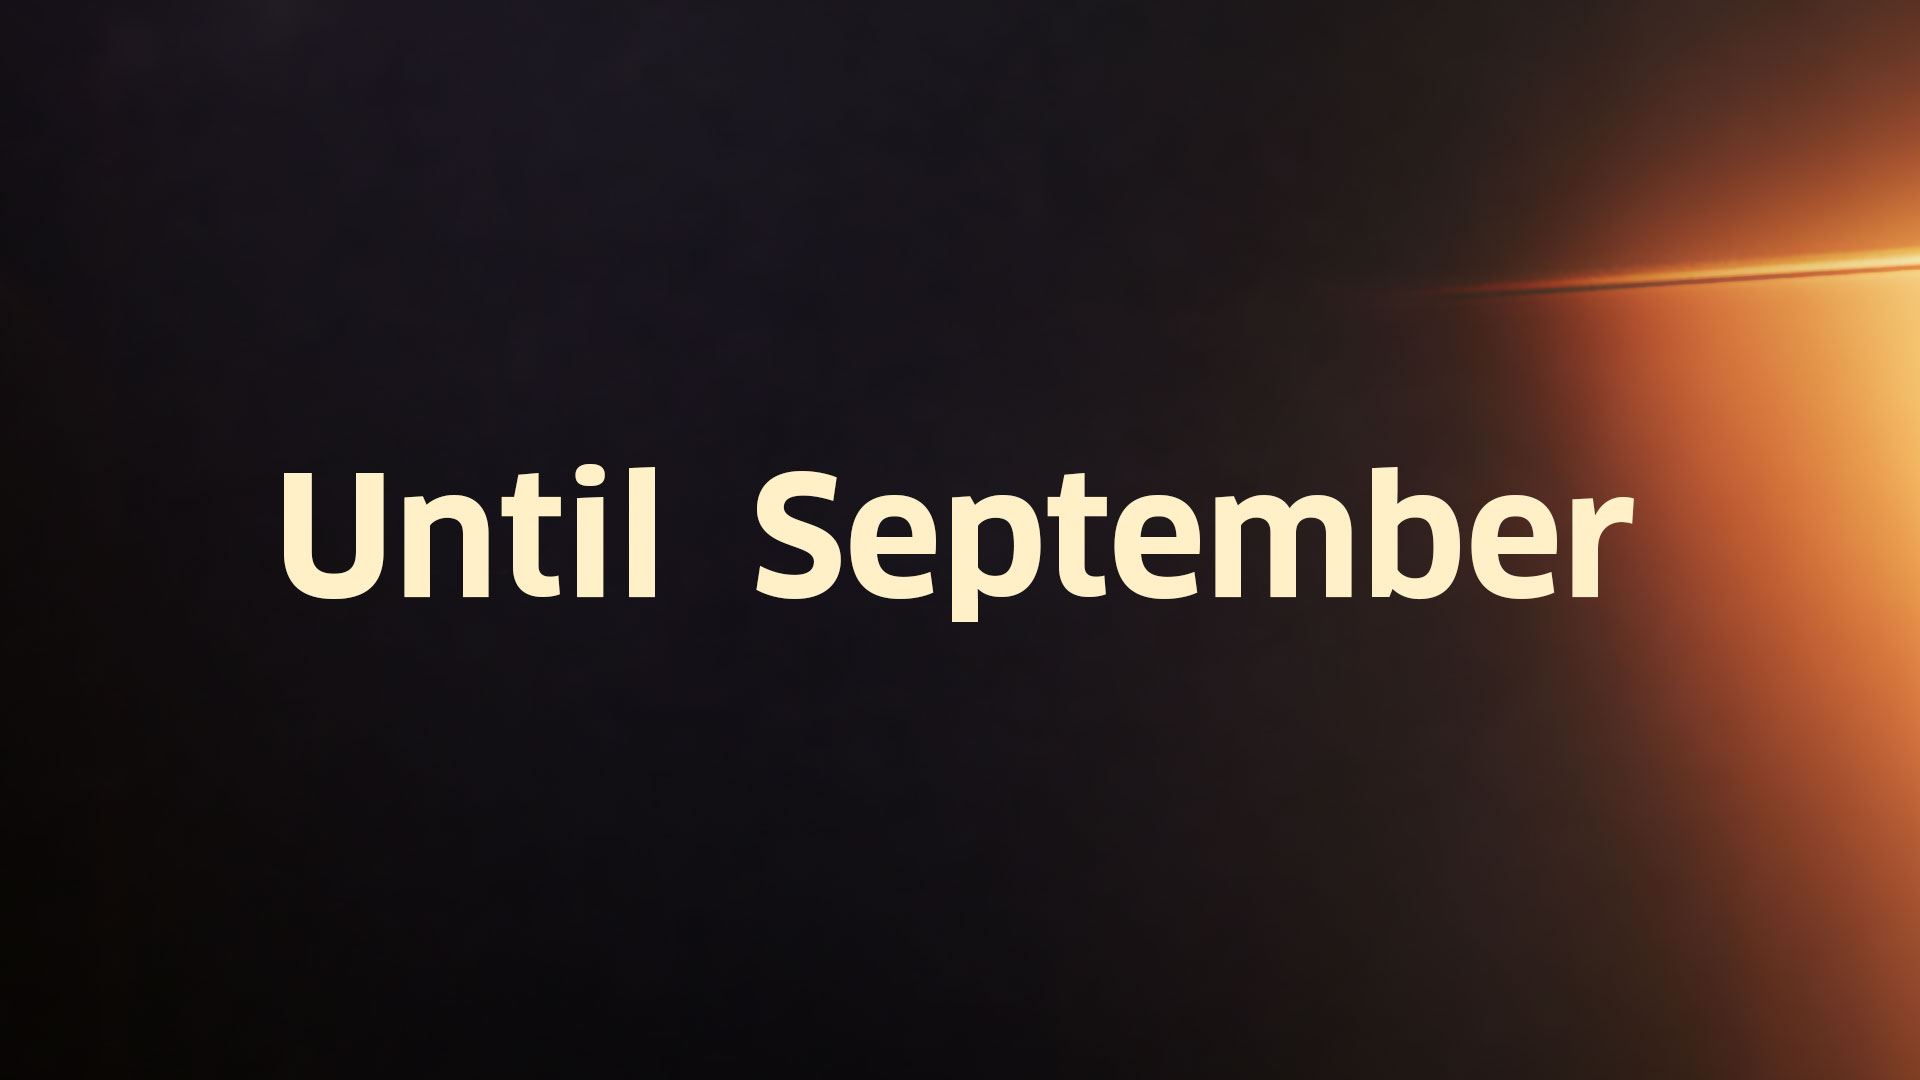 Until September